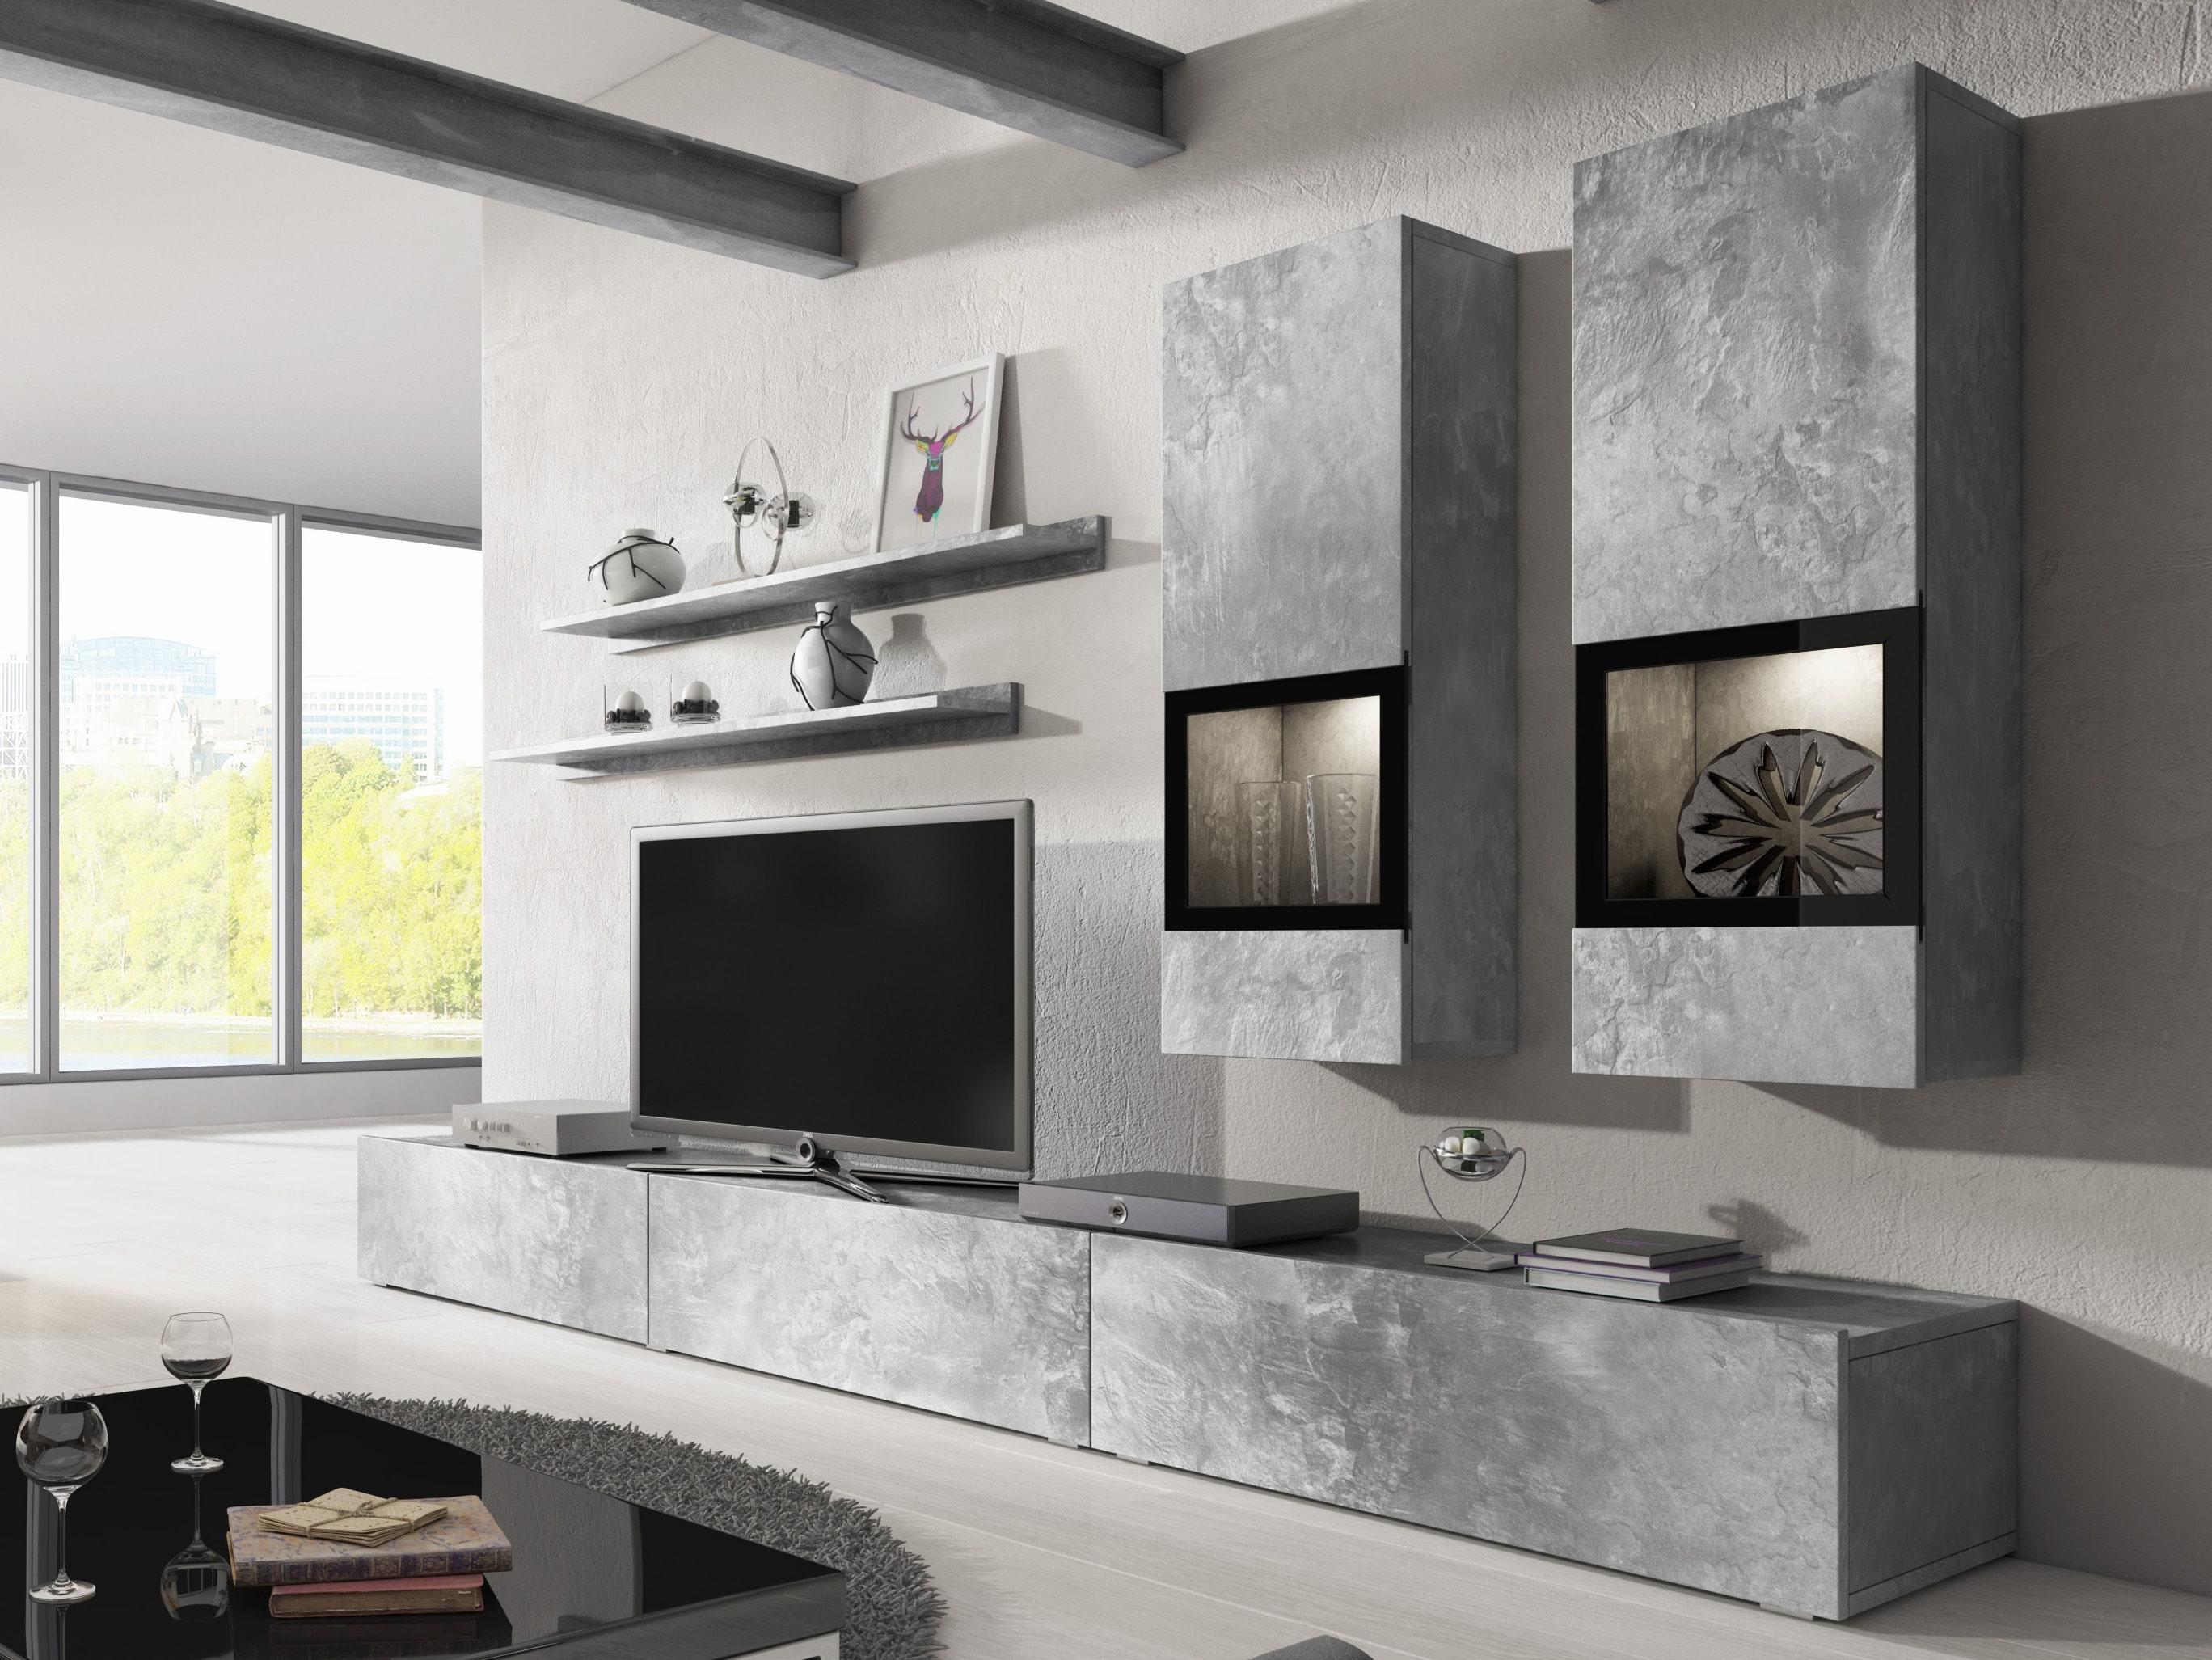 Obývacia stena - Barly - Typ 10 (svetlý betón). Akcia -42%.